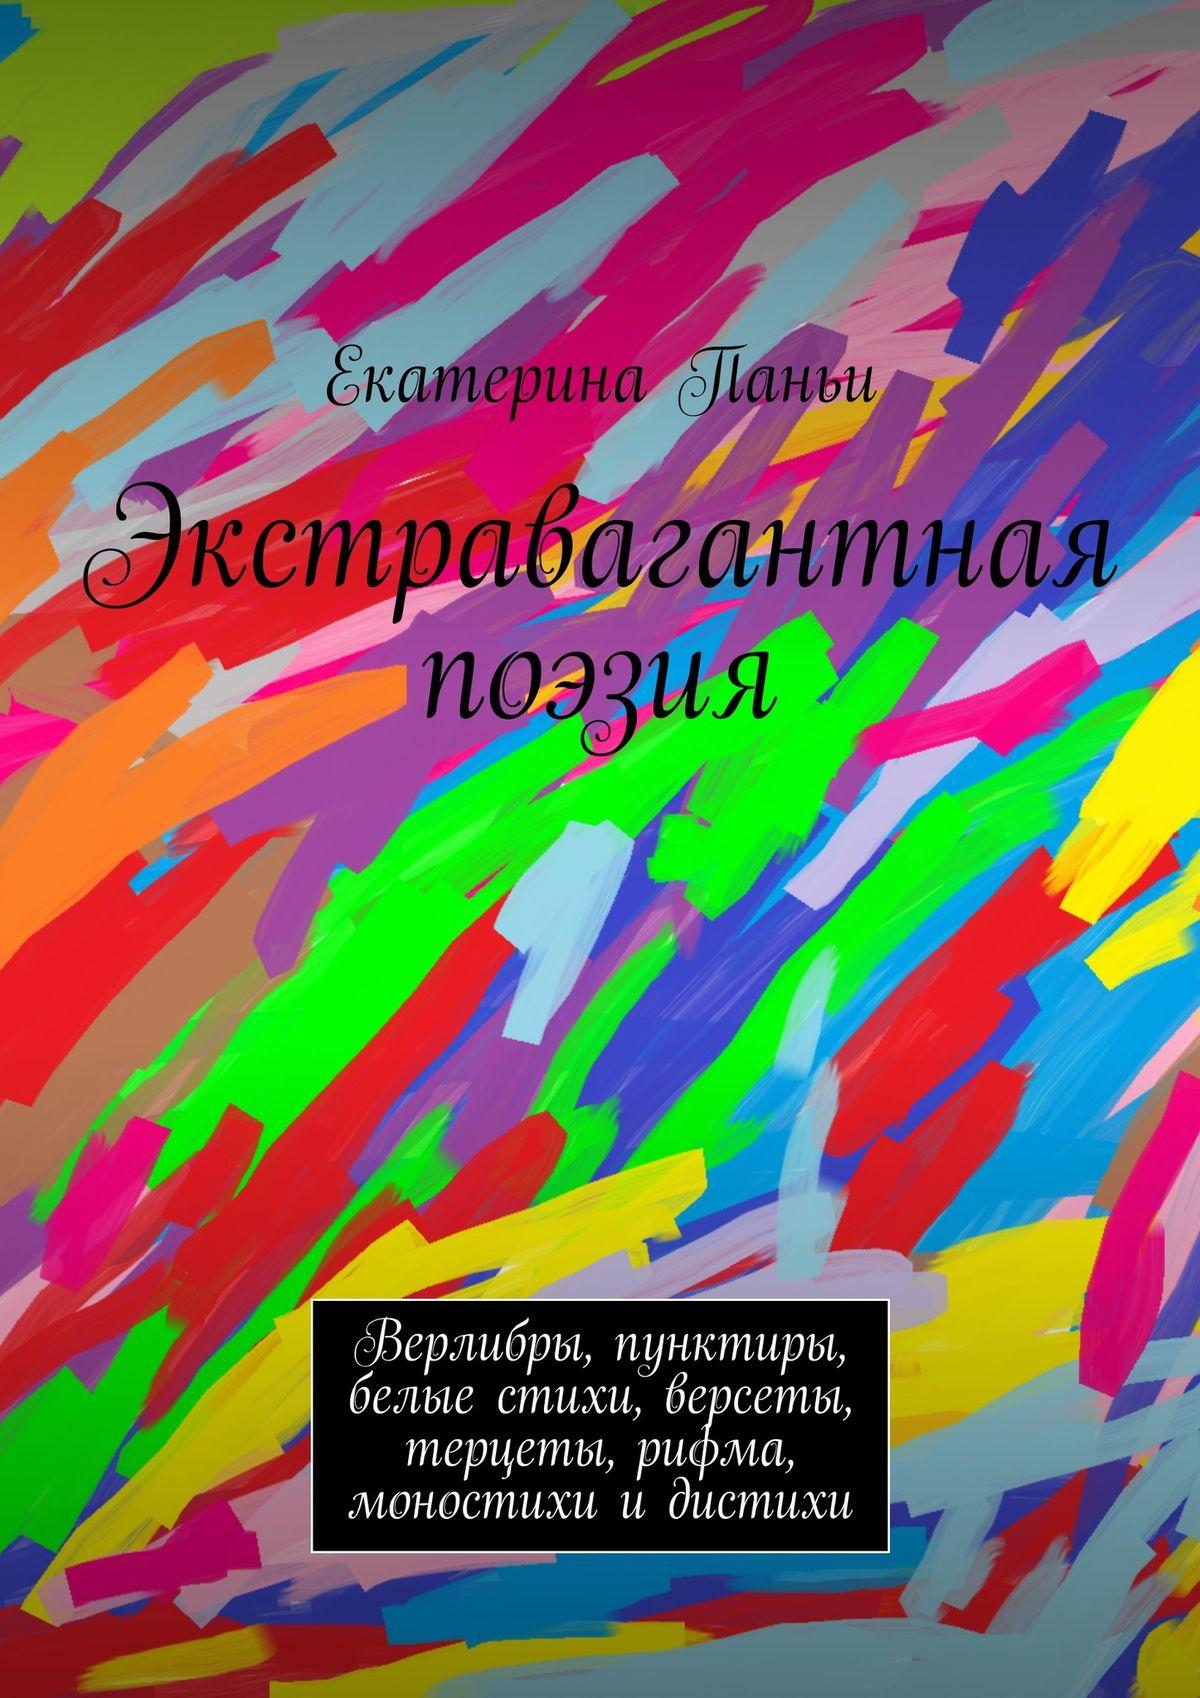 Екатерина Паньи Экстравагантная поэзия пунктиры